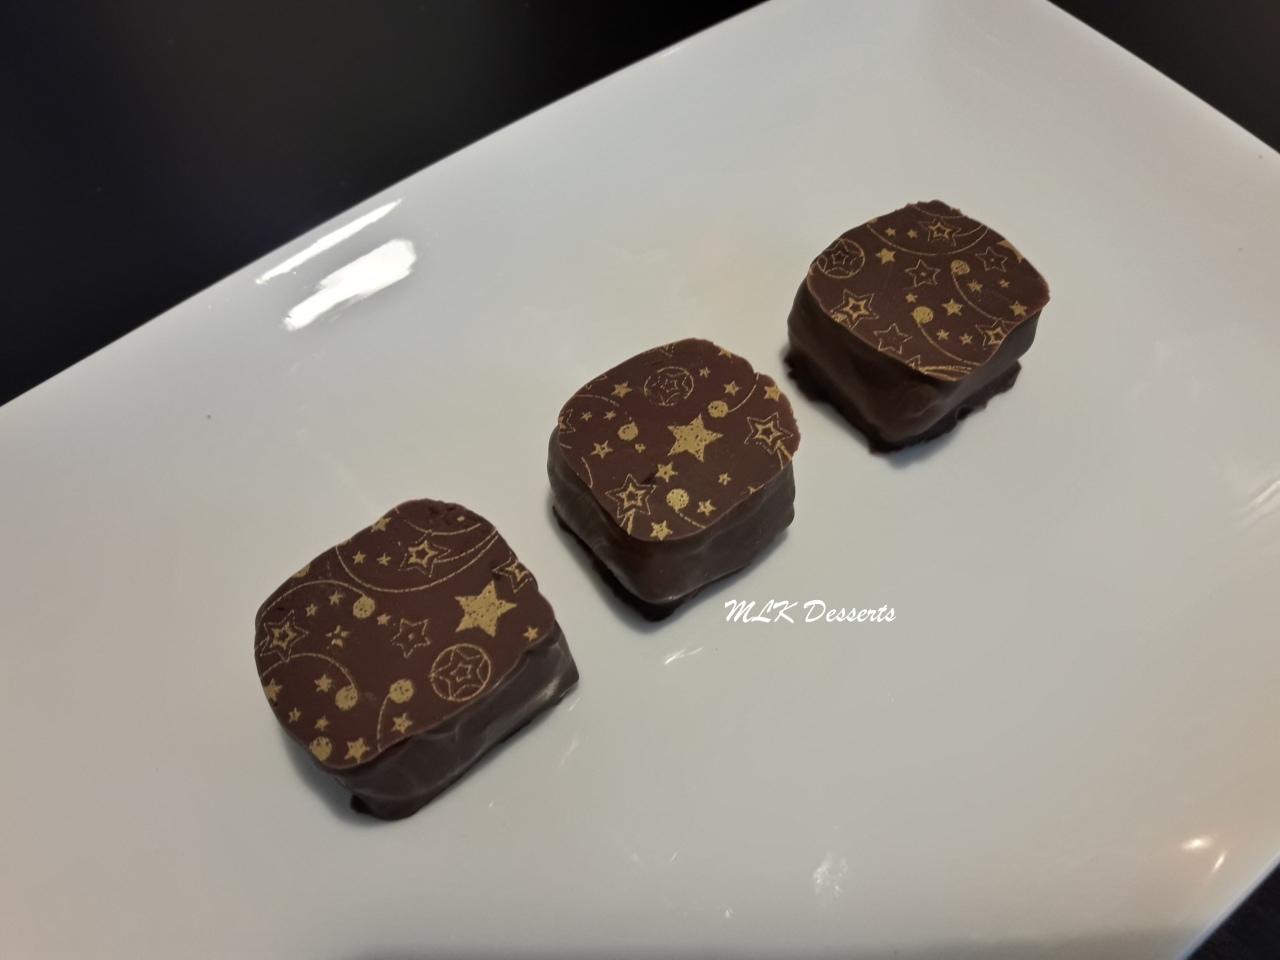 Ganache cadrée chocolat framboise avec un enrobage chocolat au lait